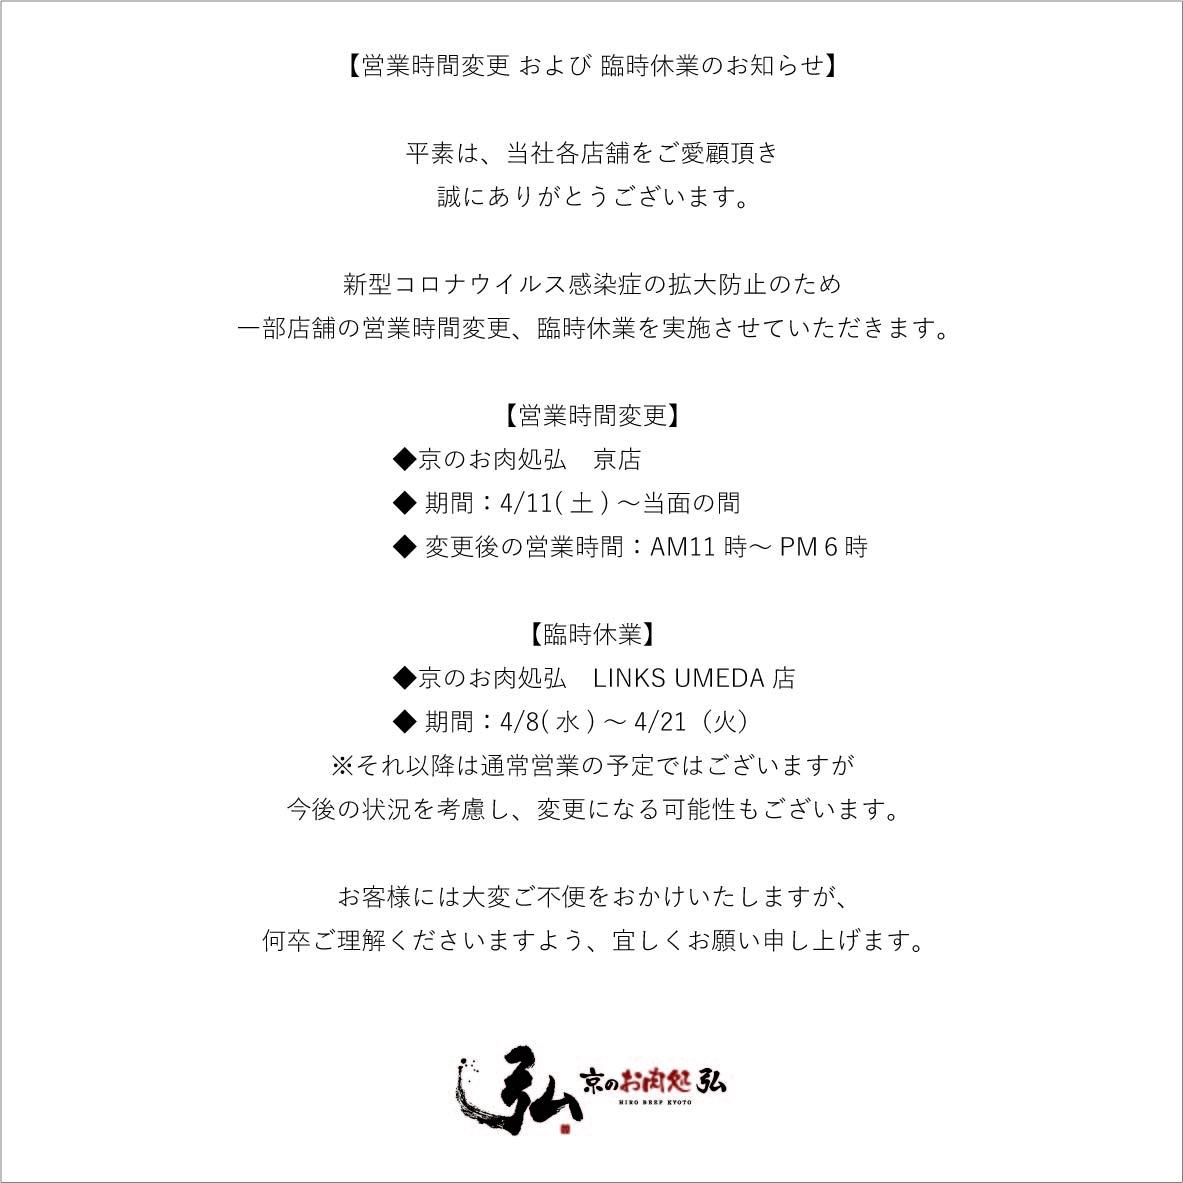 営業時間変更・休業のご案内(亰店・LINKS UMEDA店)